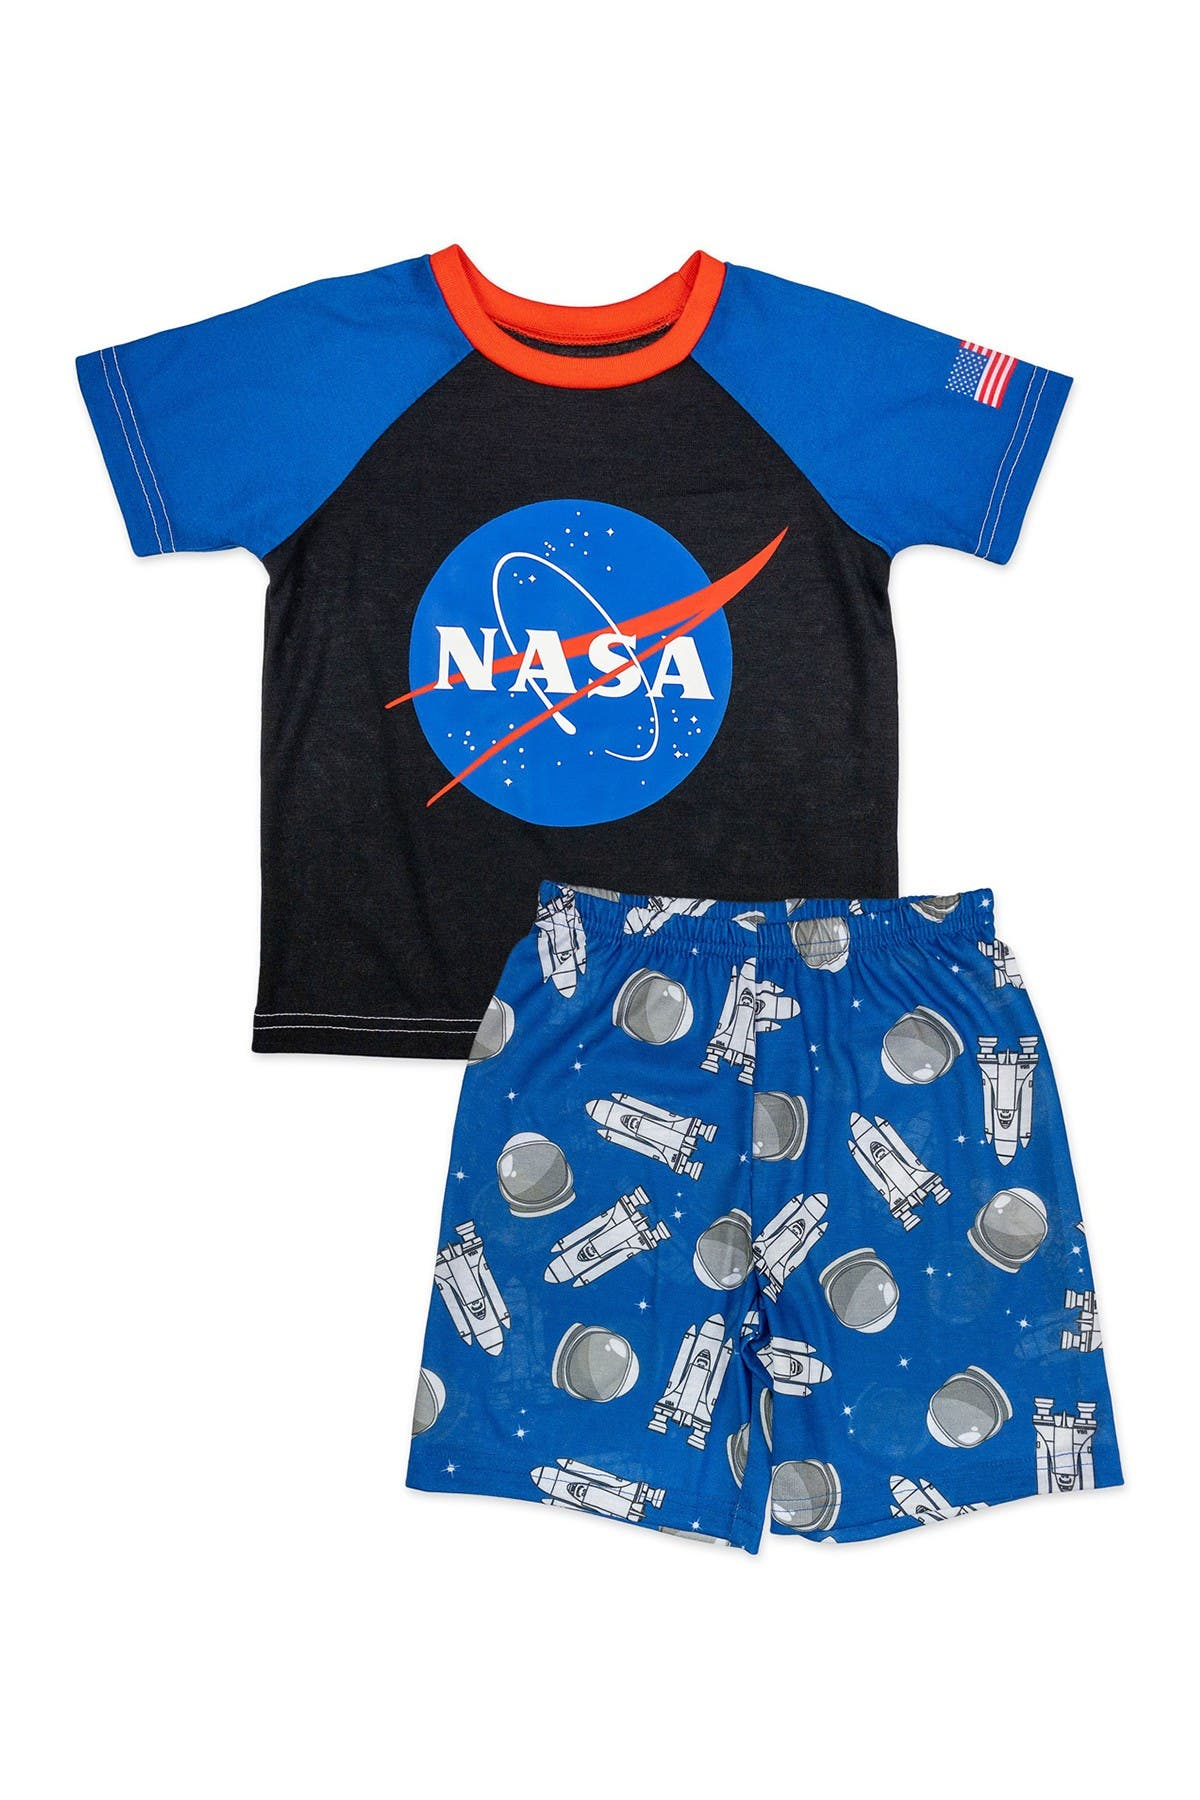 Image of SGI Apparel NASA Pajama Shorts Set